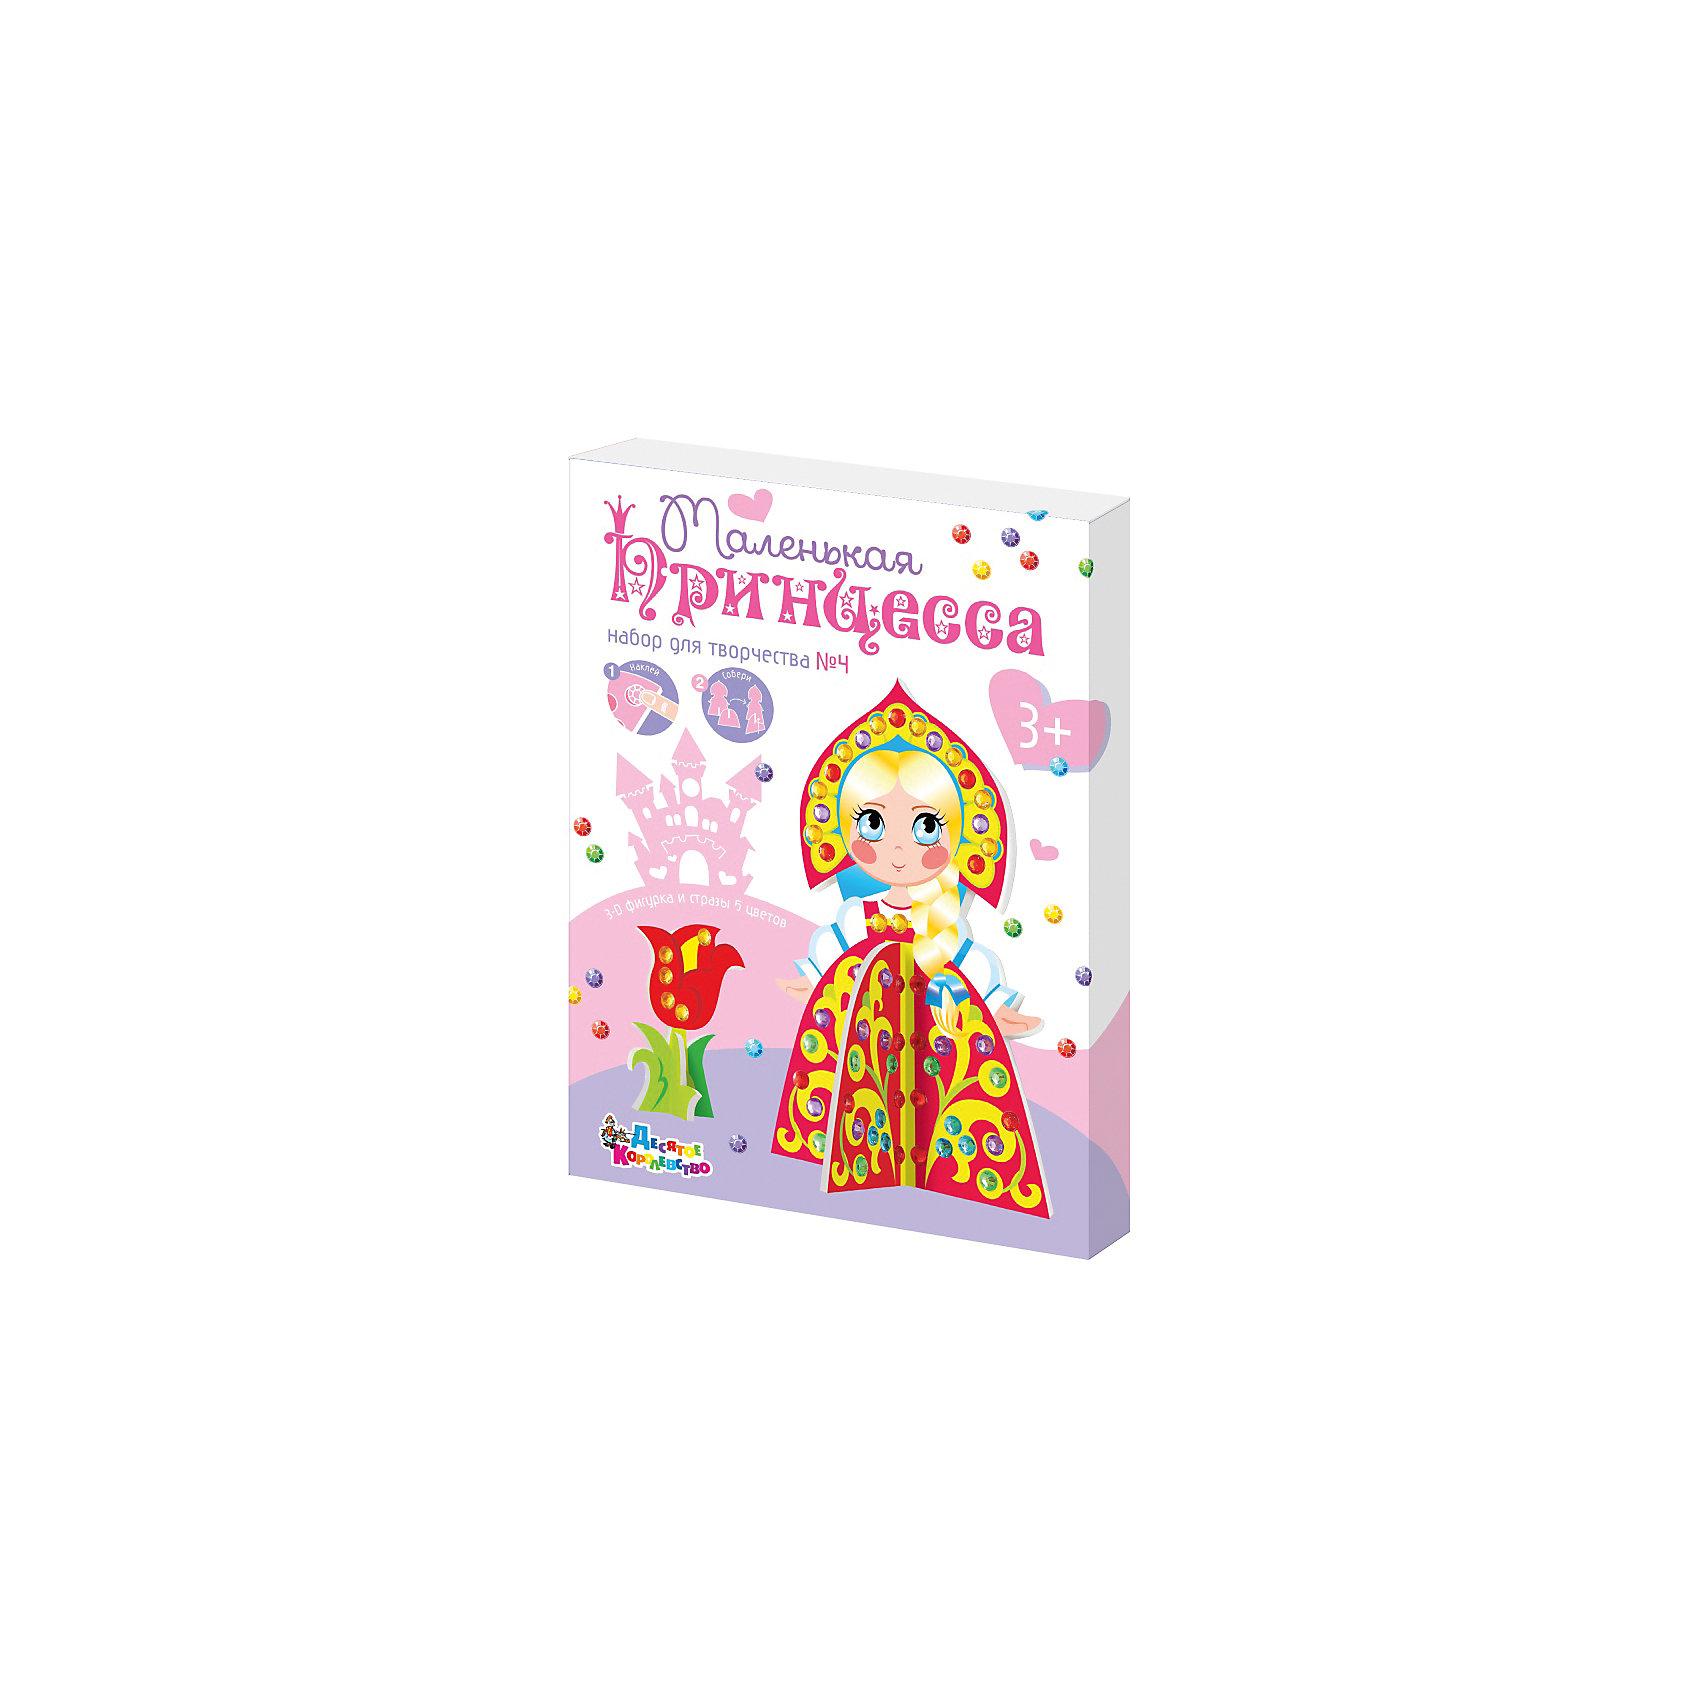 Набор для творчества из страз 3D Принцесса, Десятое королевствоМозаика<br>Набор для творчества из страз 3D Принцесса, Десятое королевство<br><br>Характеристики:<br><br>• Возраст: от 7 лет<br>• В комплекте: заготовка из вспененного полимерного материала с изображением принцессы и цветка, стразы<br>• Количество цетов: 5<br>• Размер готовой картинки: 11х11х15см<br><br>Этот набор даст вашему ребенку увлекательно провести время за украшением заготовки яркими цветными стразами. Для удобства - в наборе присутствуют подсказки, как лучше осуществлять приклеивание декоративных элементов. После того, как заготовки будут украшены, можно соединить 3D паззлы в одну фигуру. Работать с набором рекомендуется под присмотром взрослых. Данная игрушка развивает мелкую моторику и усидчивость ребенка.<br><br>Набор для творчества из страз 3D Принцесса, Десятое королевство можно купить в нашем интернет-магазине.<br><br>Ширина мм: 170<br>Глубина мм: 230<br>Высота мм: 25<br>Вес г: 106<br>Возраст от месяцев: 84<br>Возраст до месяцев: 2147483647<br>Пол: Женский<br>Возраст: Детский<br>SKU: 5471671